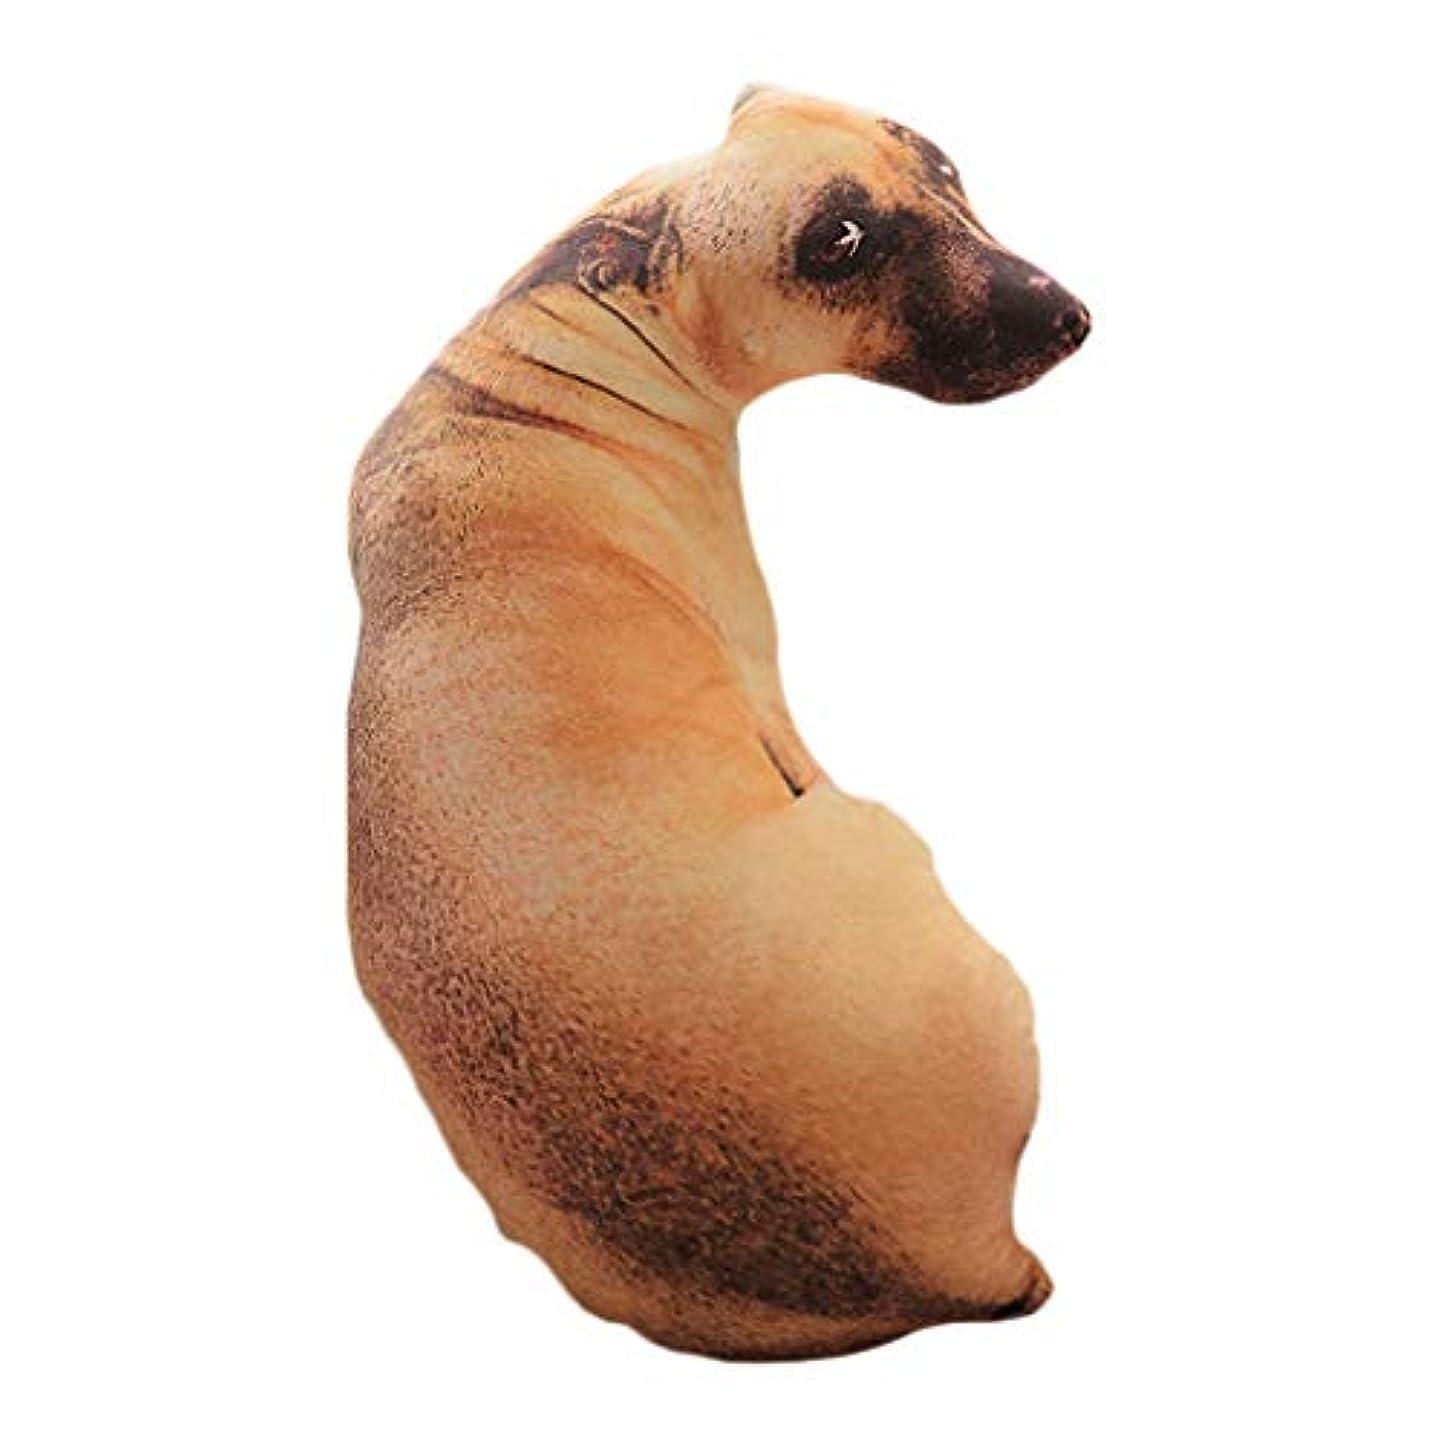 助言くるみスペシャリストLIFE 装飾クッションソファおかしい 3D 犬印刷スロー枕創造クッションかわいいぬいぐるみギフト家の装飾 coussin decoratif クッション 椅子